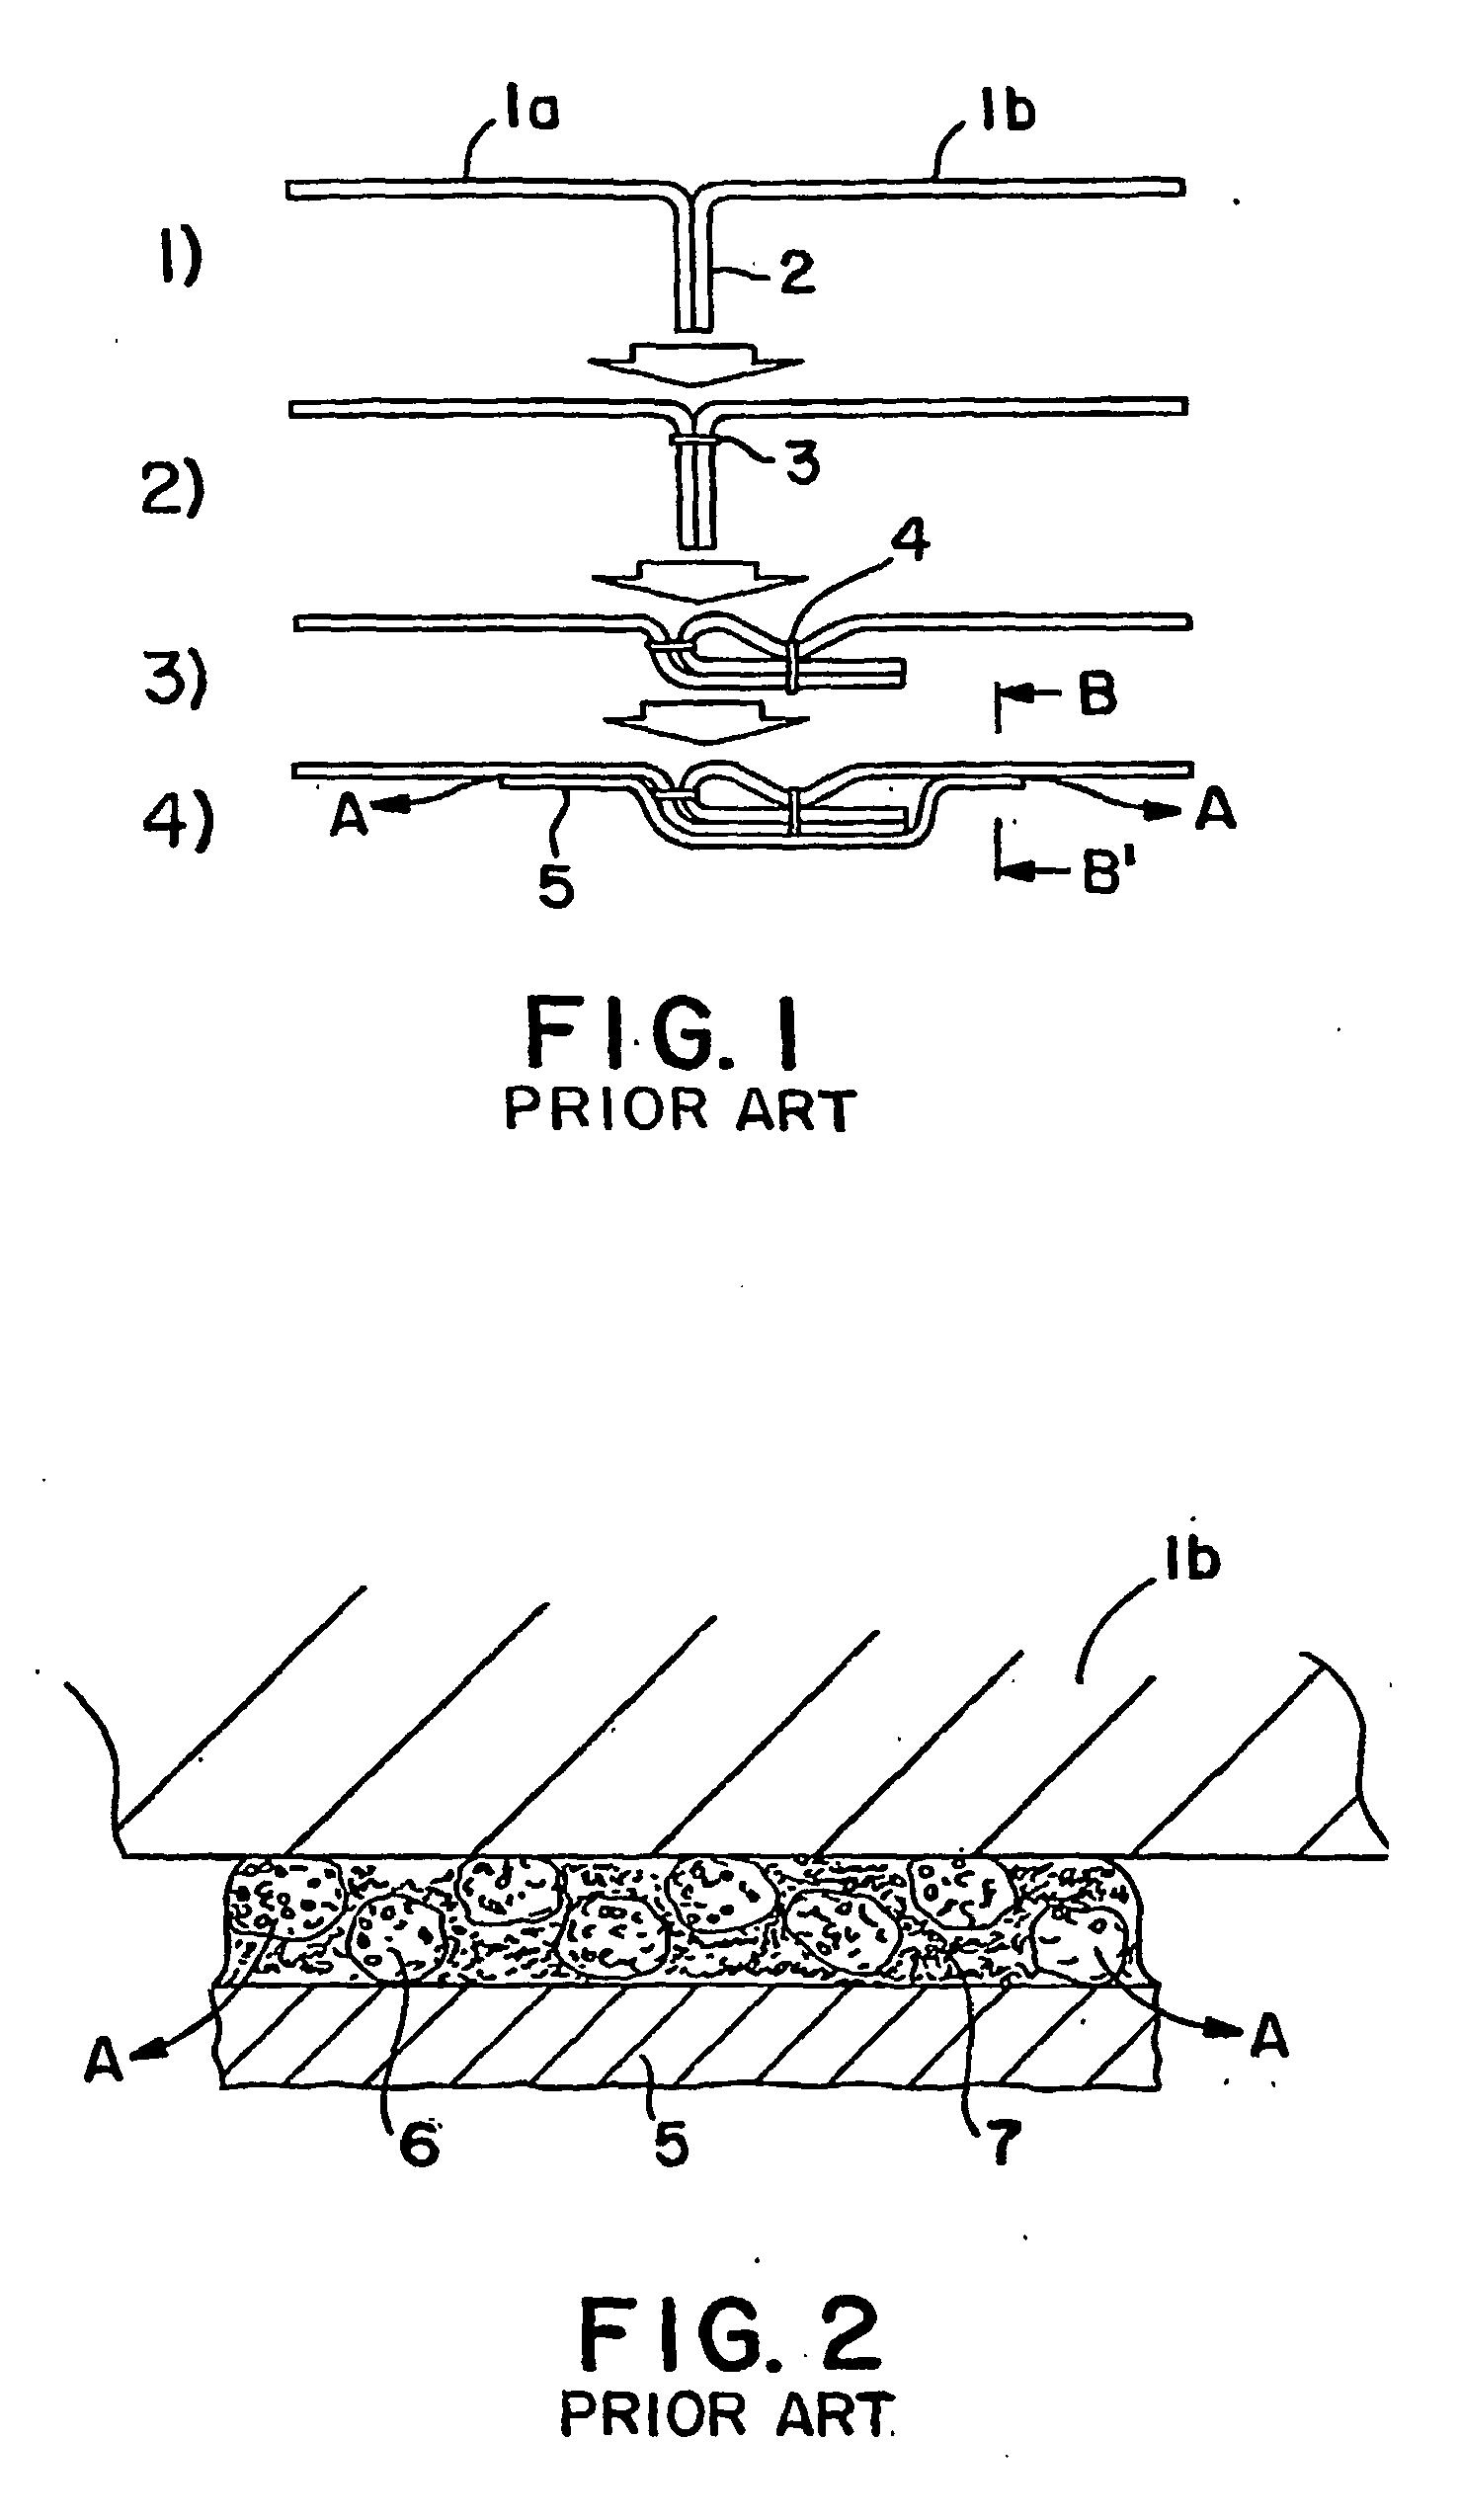 patent ep1673220b1 couture etanche aux liquides pour chaussures de securite google patents. Black Bedroom Furniture Sets. Home Design Ideas